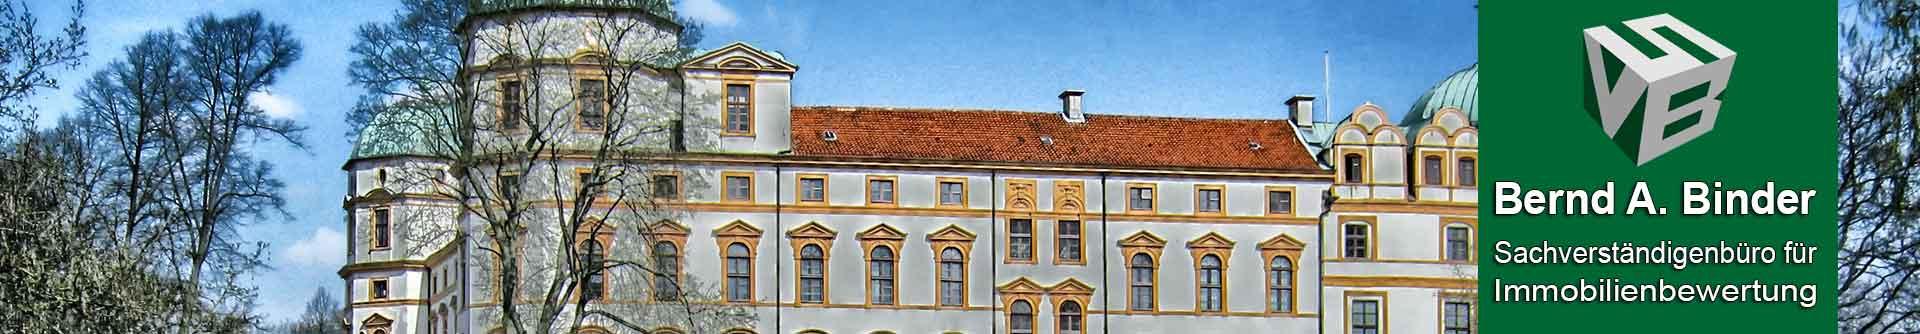 Header Schloss Celle Sachverständiger und Gutachter für Immobilien Bernd A. Binder